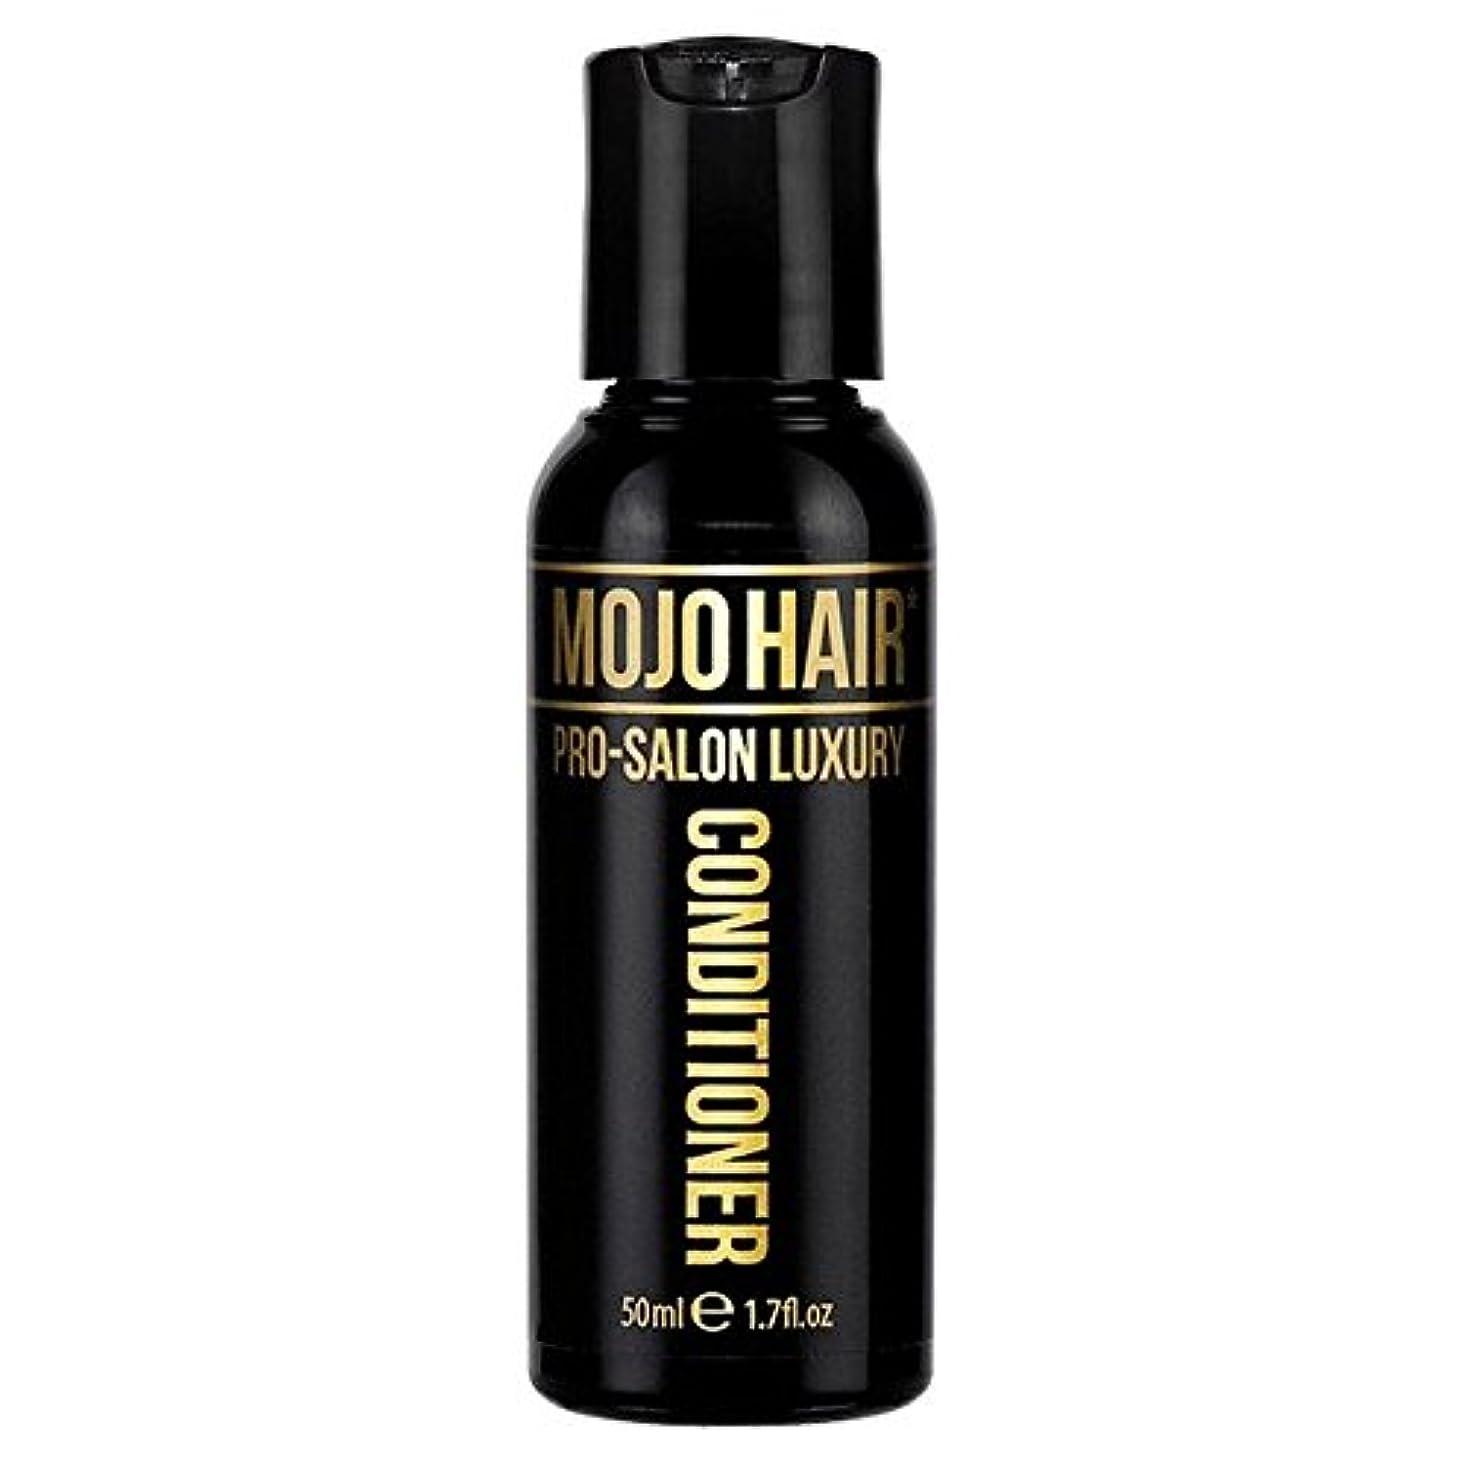 少なくとも主導権好奇心男性のためのモジョの毛プロのサロンの贅沢な香りコンディショナー、トラベルサイズの50ミリリットル x4 - MOJO HAIR Pro-Salon Luxury Fragrance Conditioner for Men...